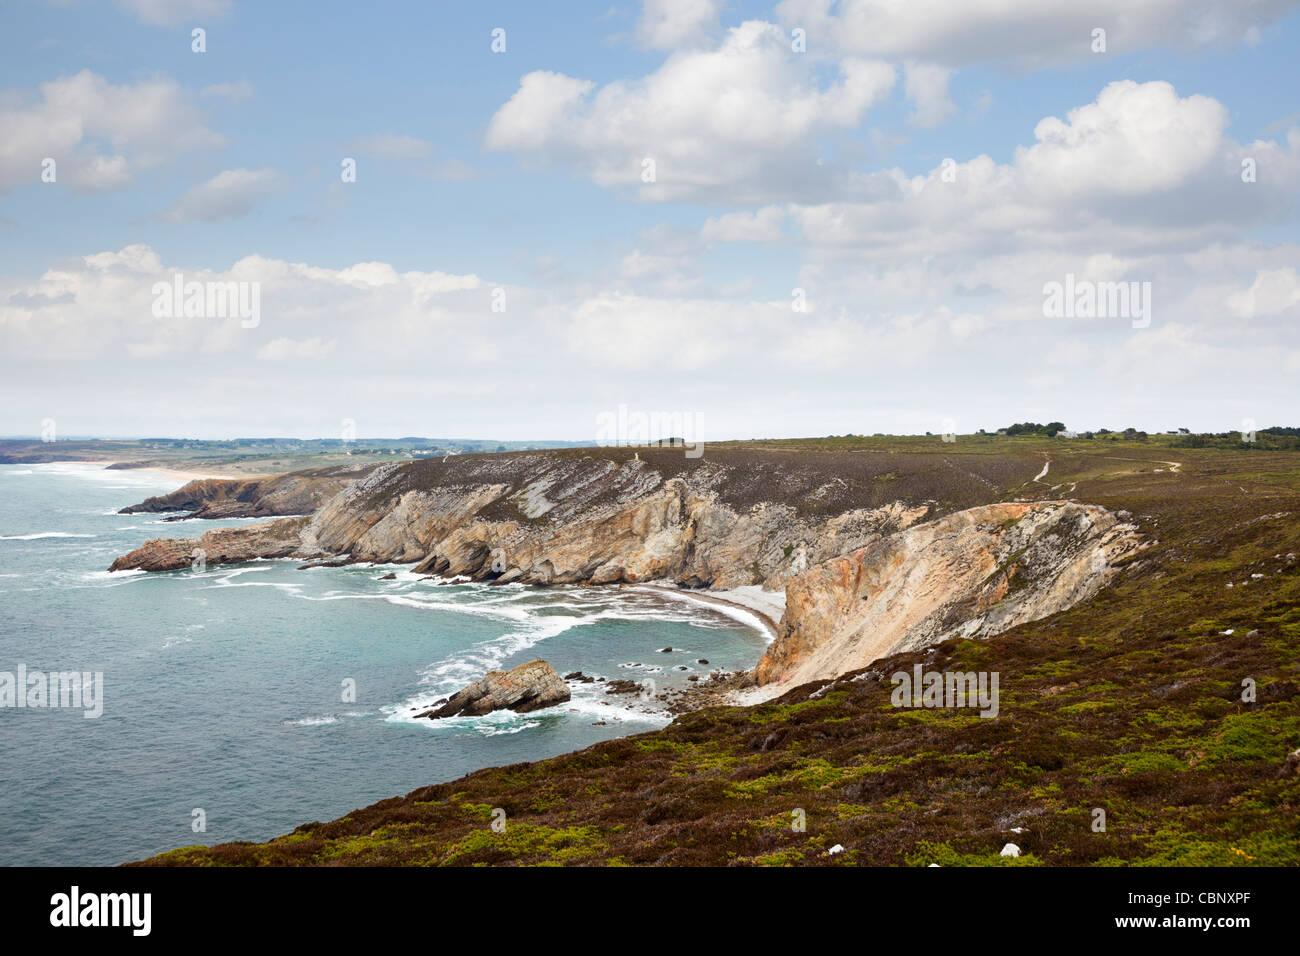 Côte au Cap de la Chevre, côte de la presqu'île de Crozon, Bretagne, France Photo Stock